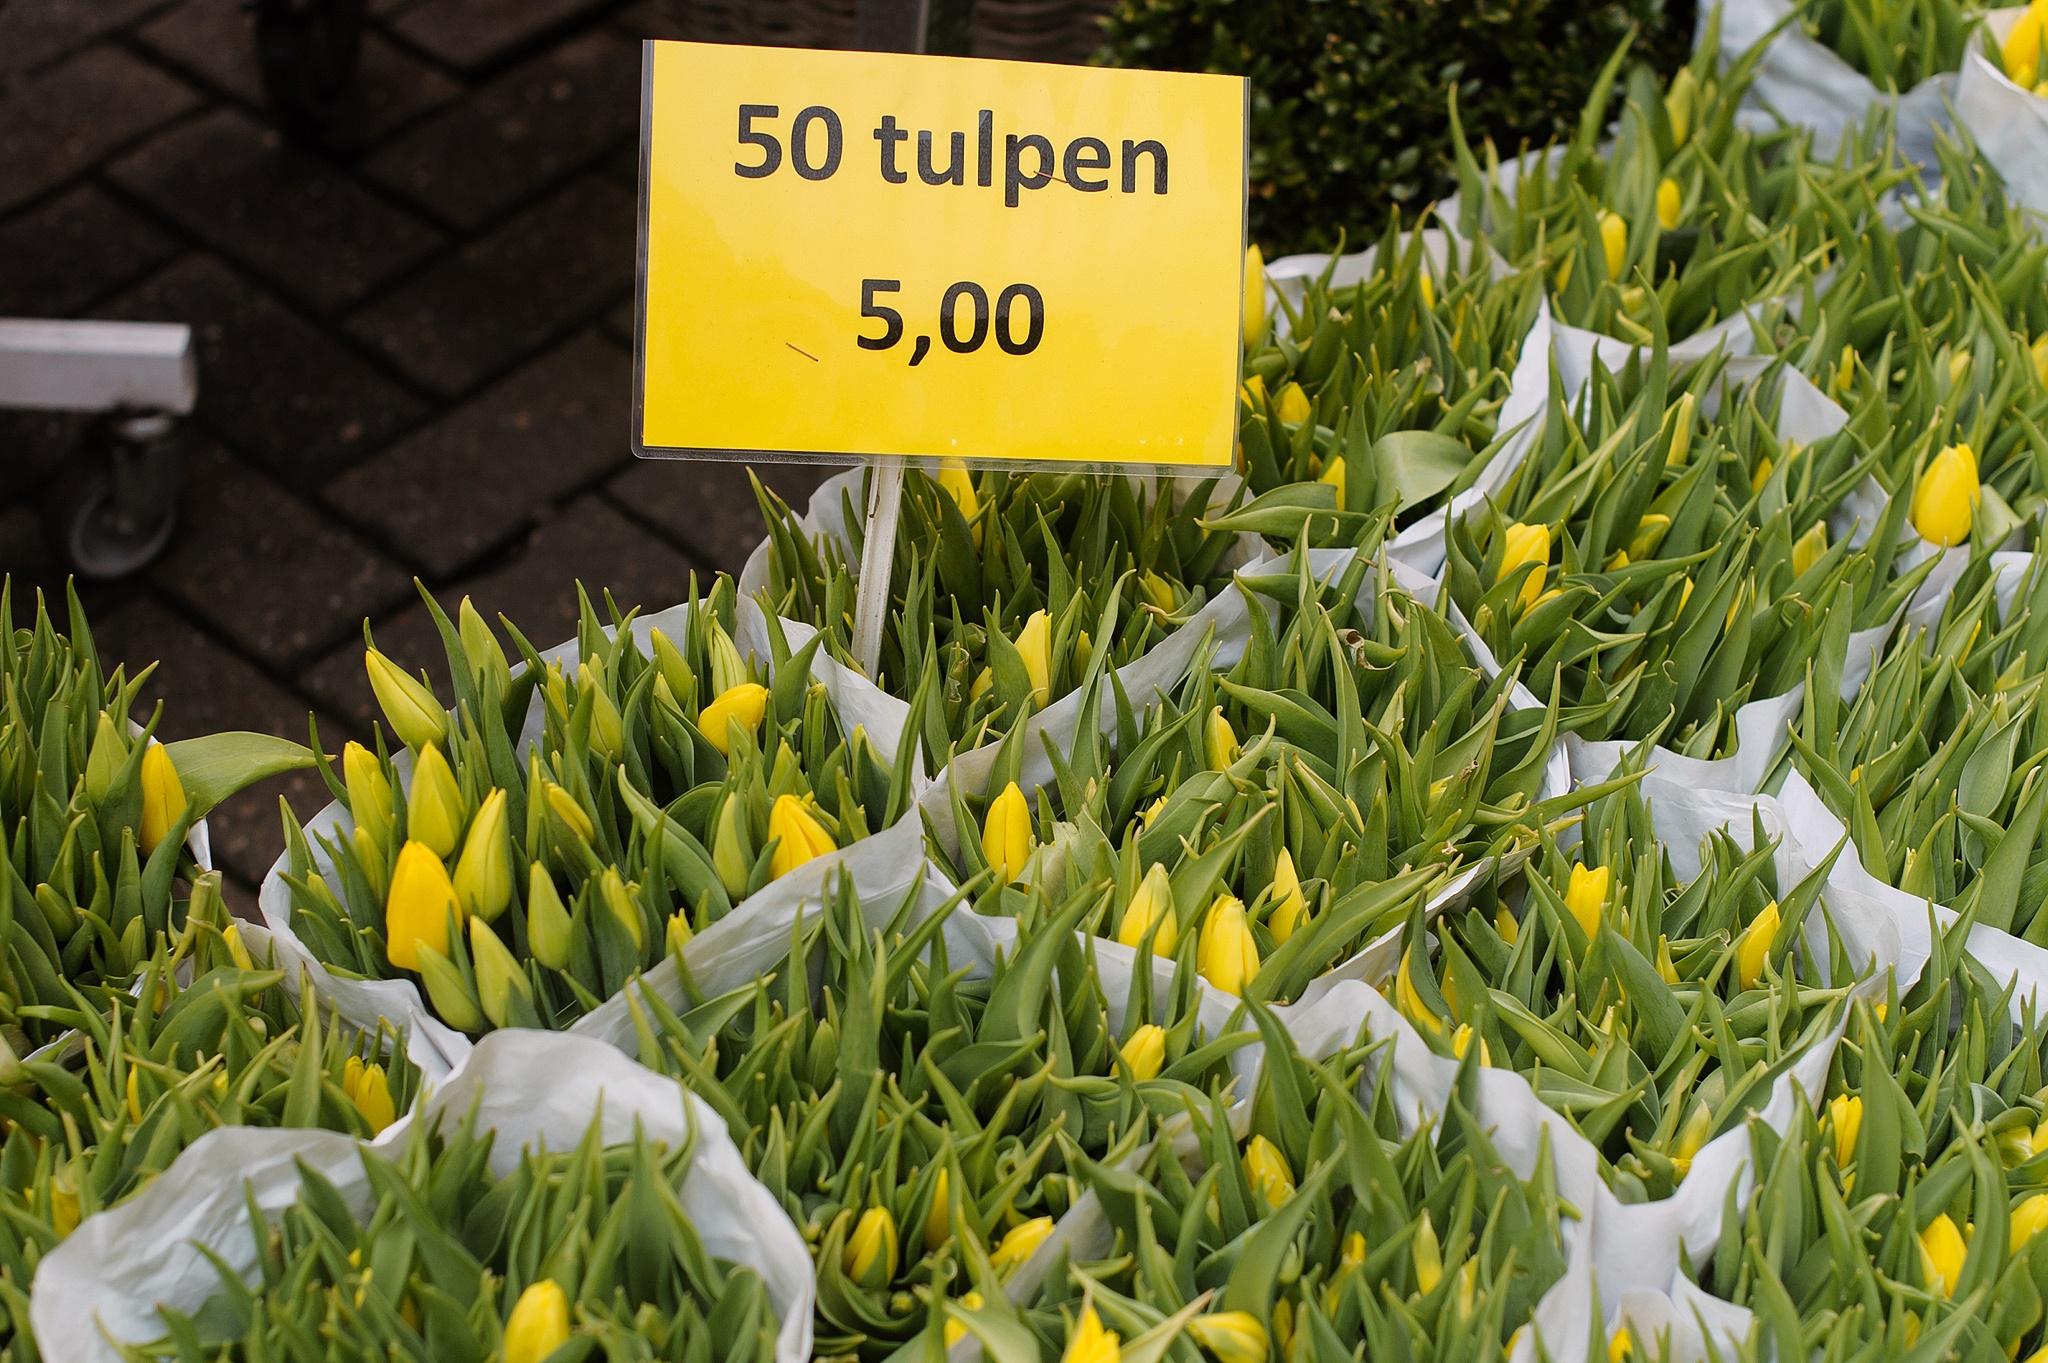 Цветочный рынок Амстердама. Тюльпаны. Цены